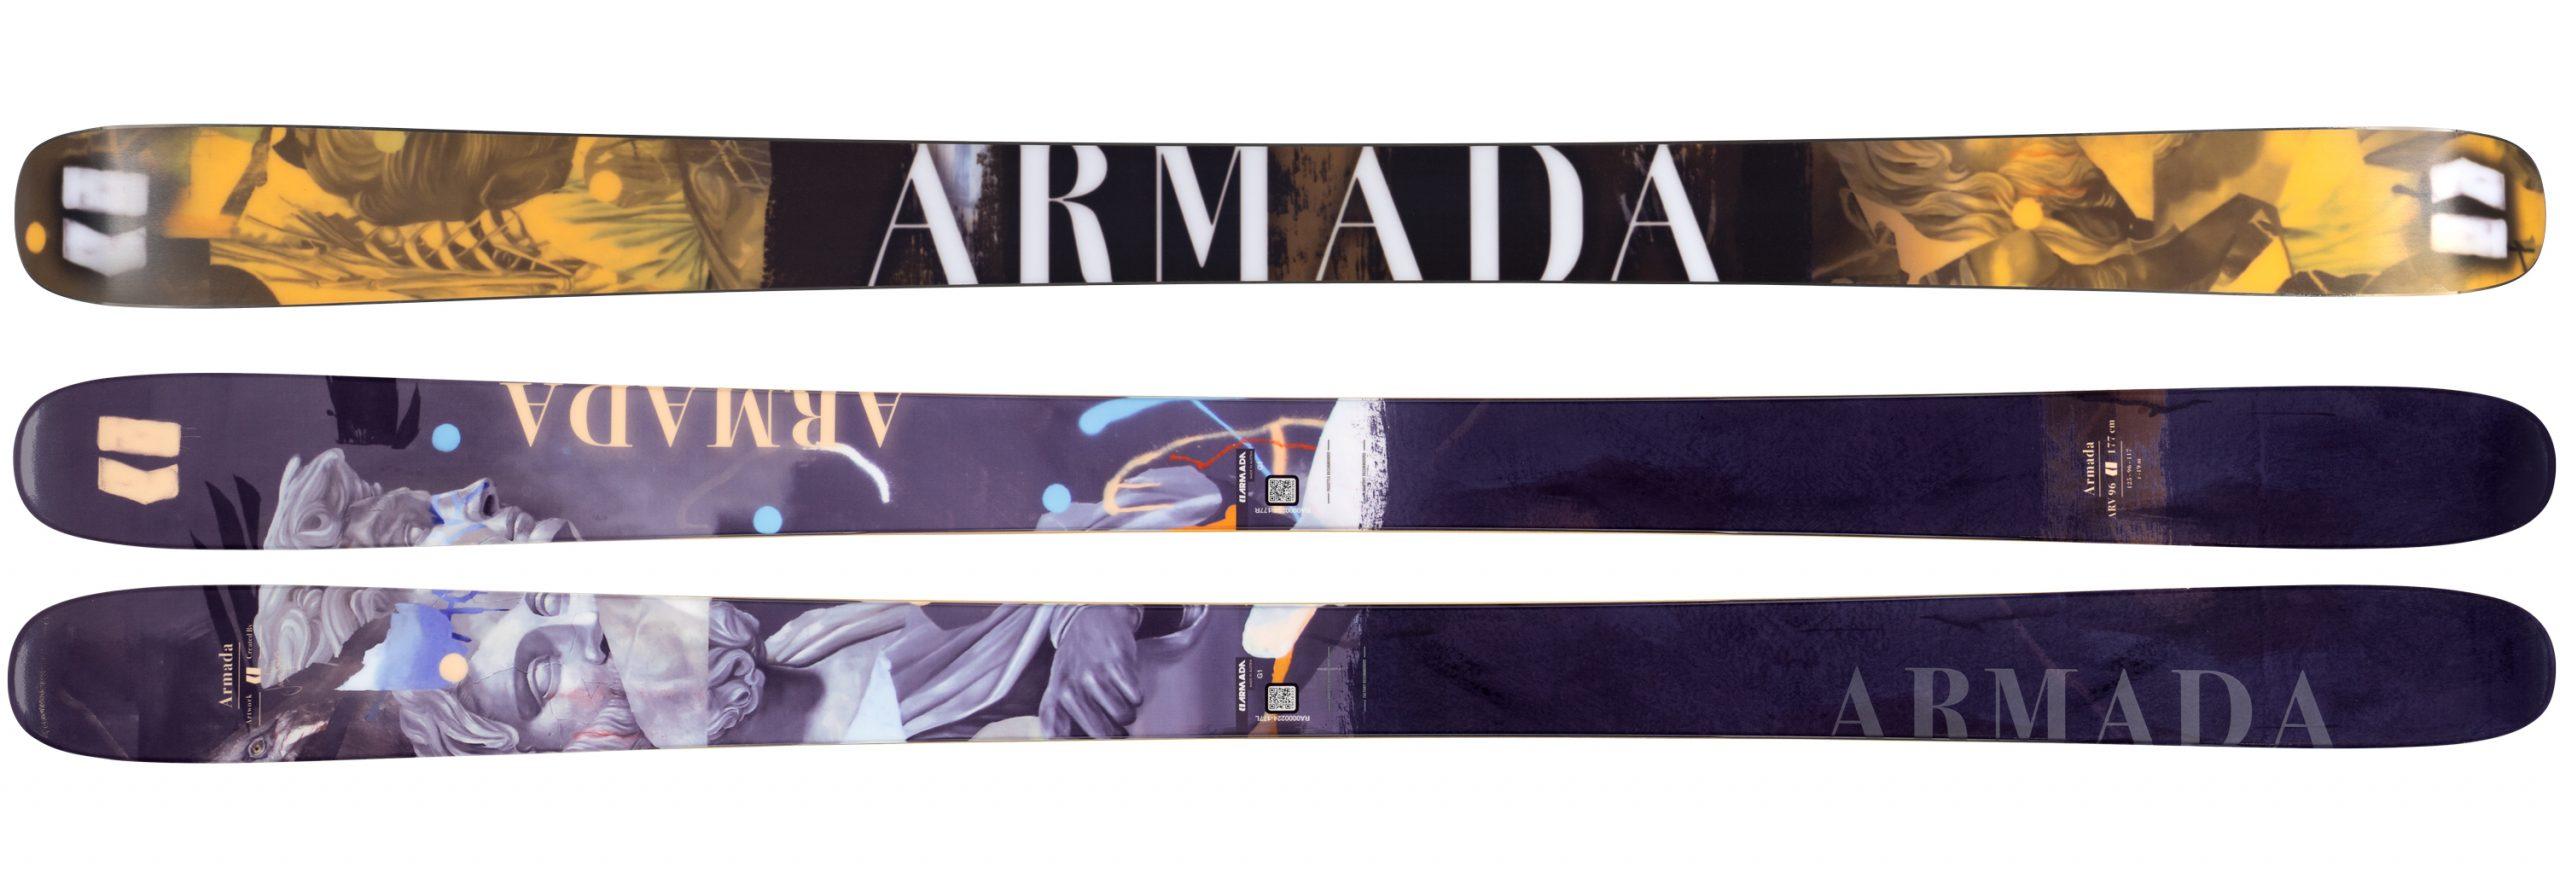 Armada ARV 96